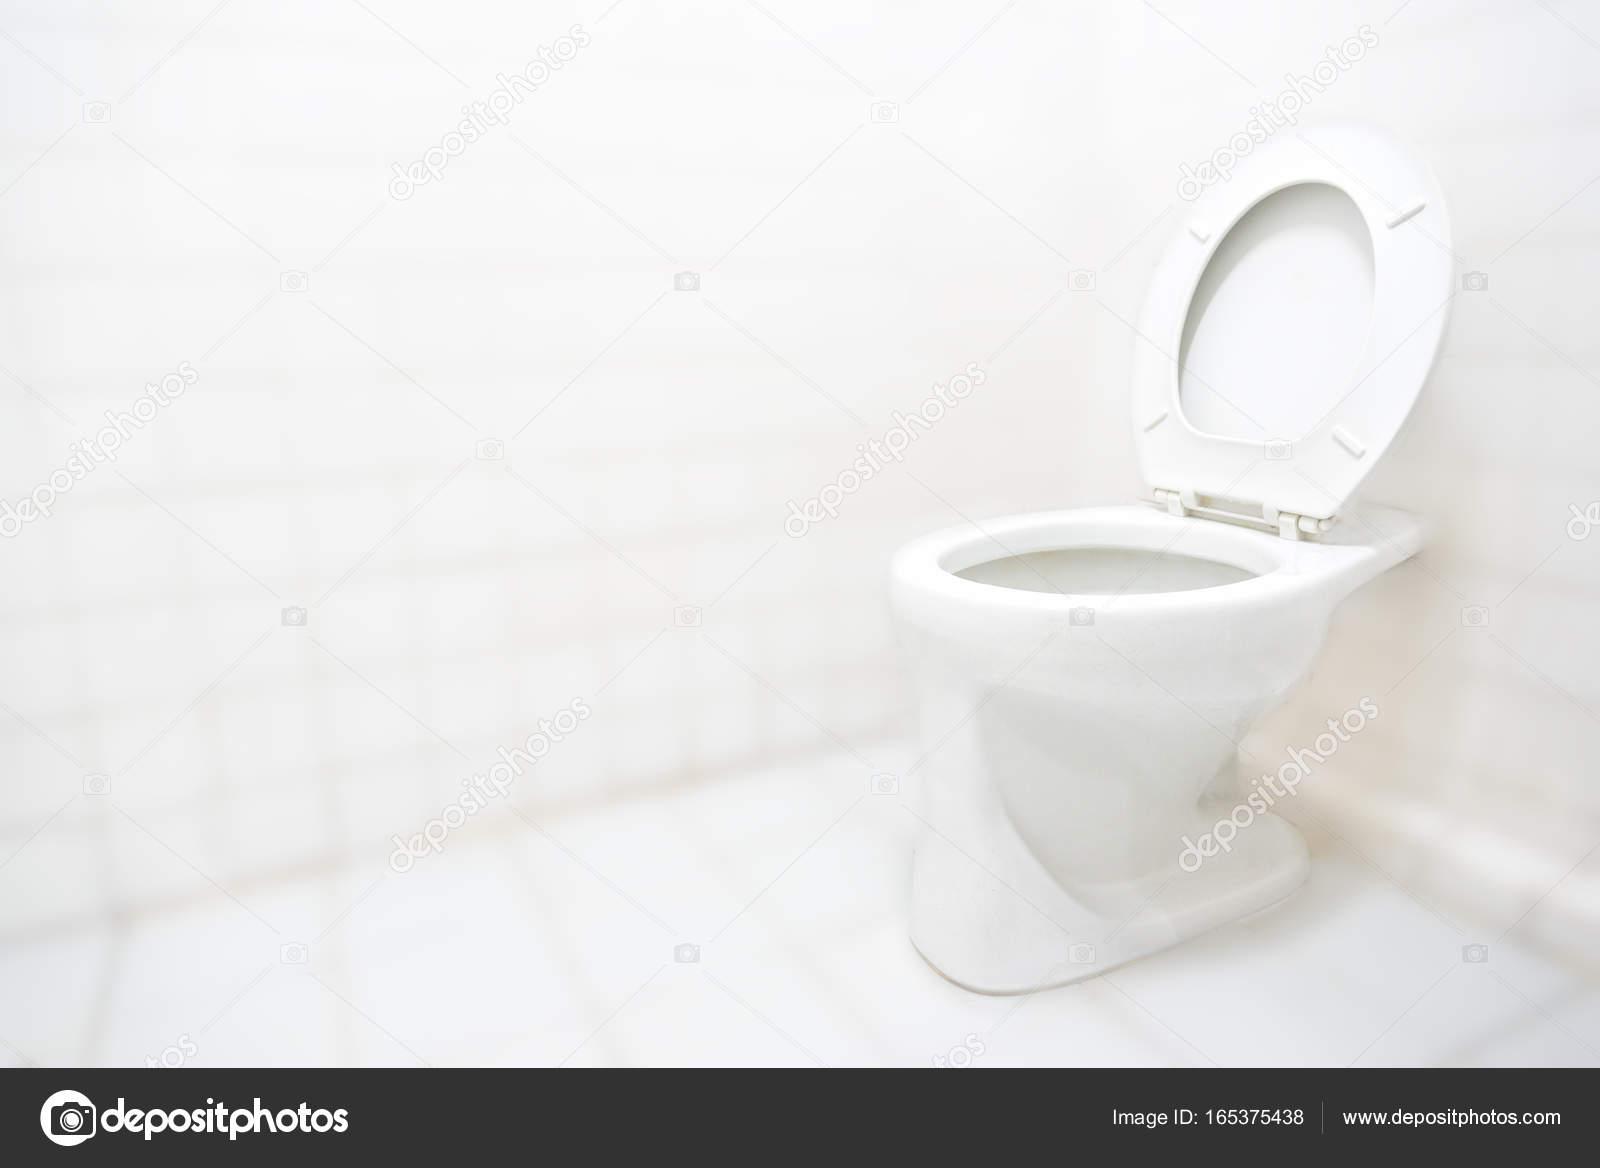 Wc łazienki Lub Toalety Ze Koncepcja Czyste Białe Tło